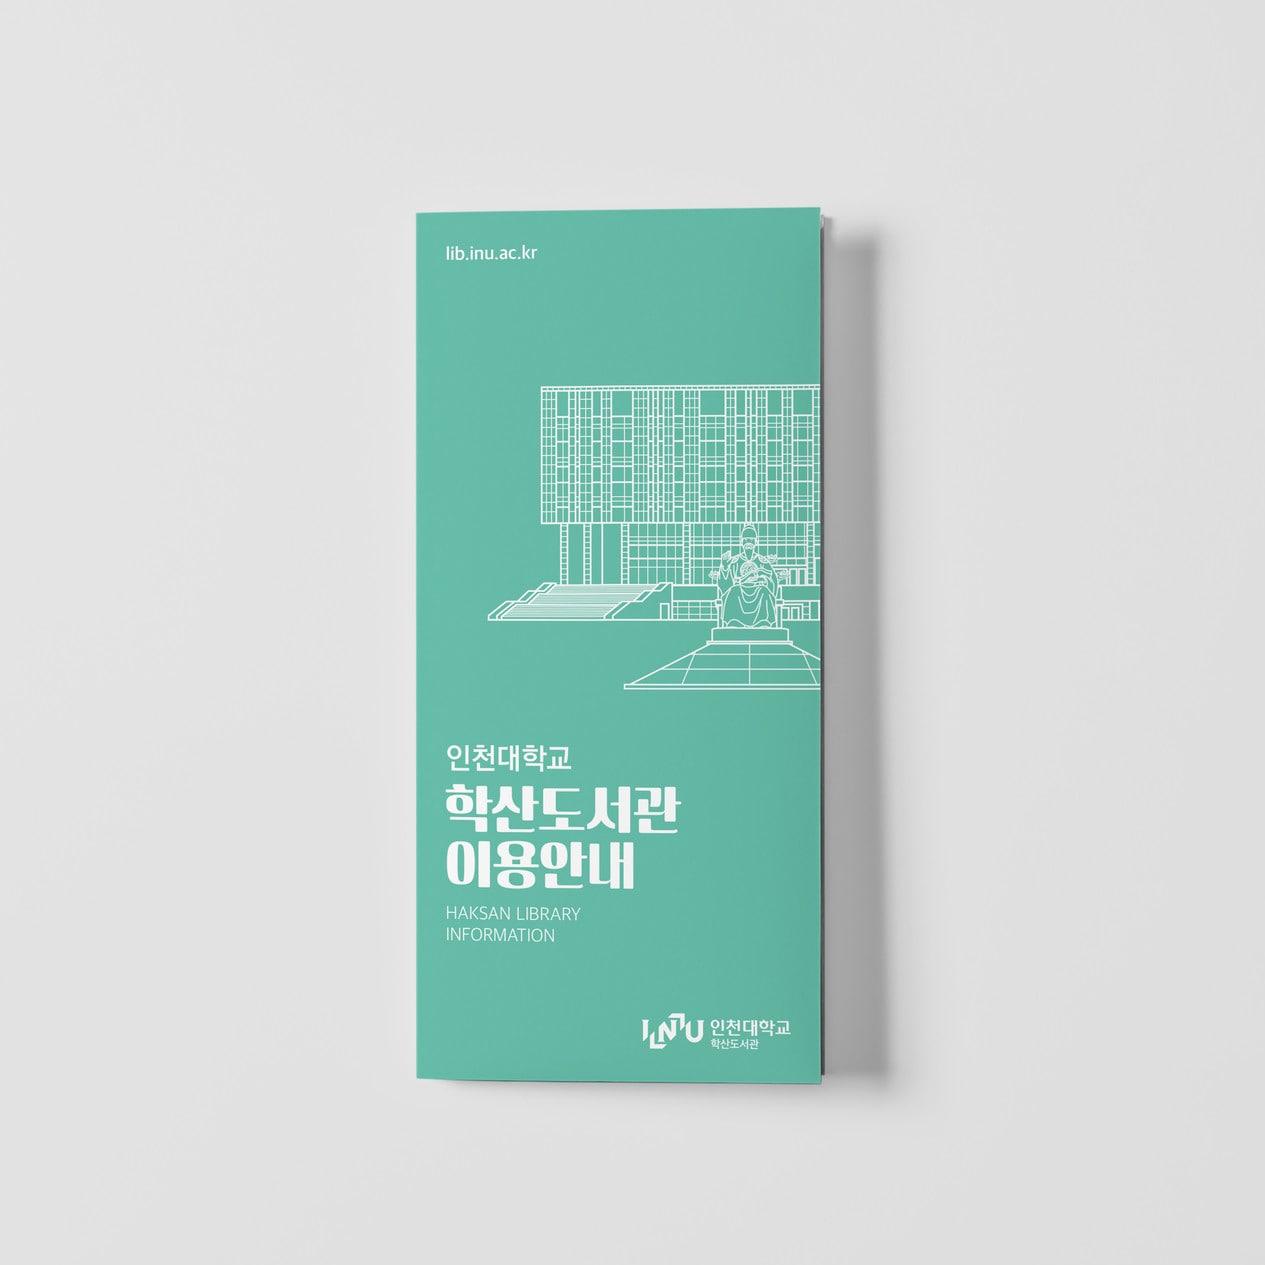 인천대학교 학산도서관 이용안내 - 인천대학교 학산도서관